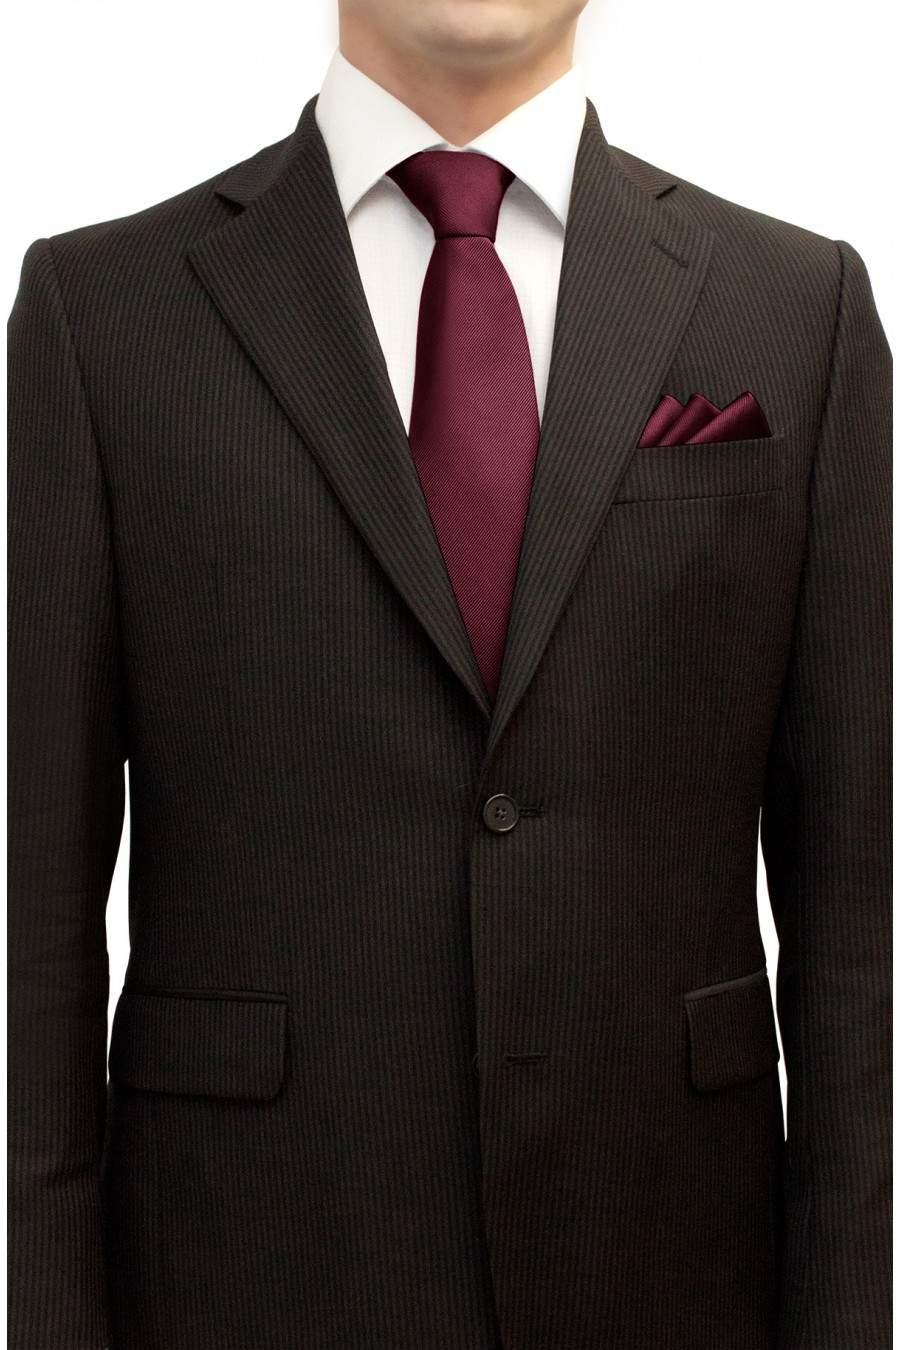 スーツ姿がかっこいい男は「毎日」かっこいい。常にかっこいい男であり続けるためのスーツ着こなし 4番目の画像